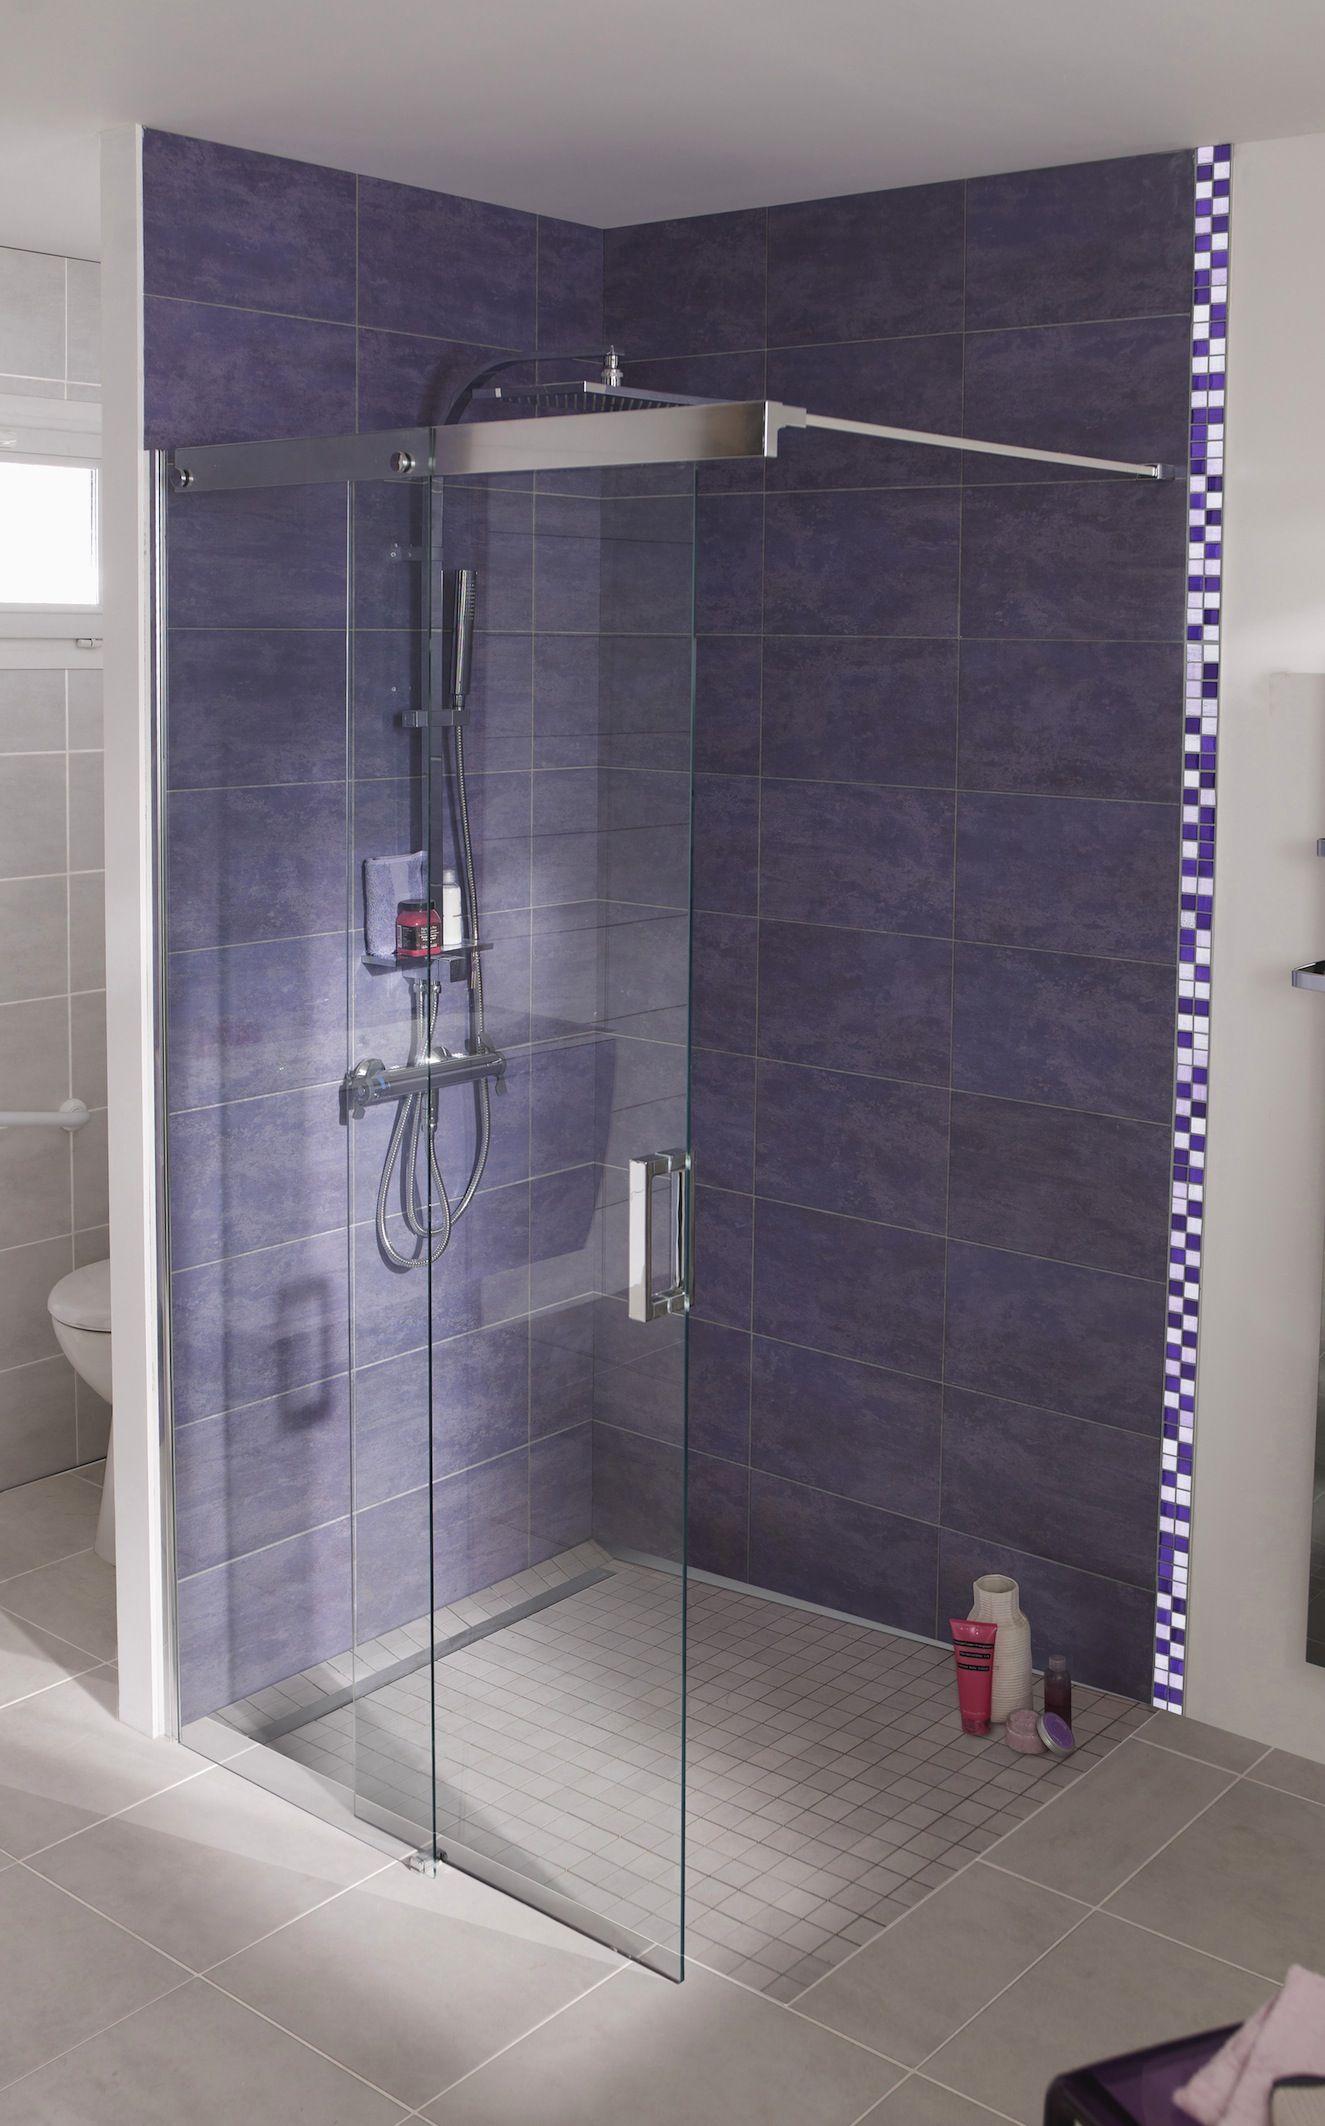 Aménagement-des-salles-de-bains-spécial-séniors-LAPEYRE-paroi-douche -Soft-Access 1a5c4fcd9d81